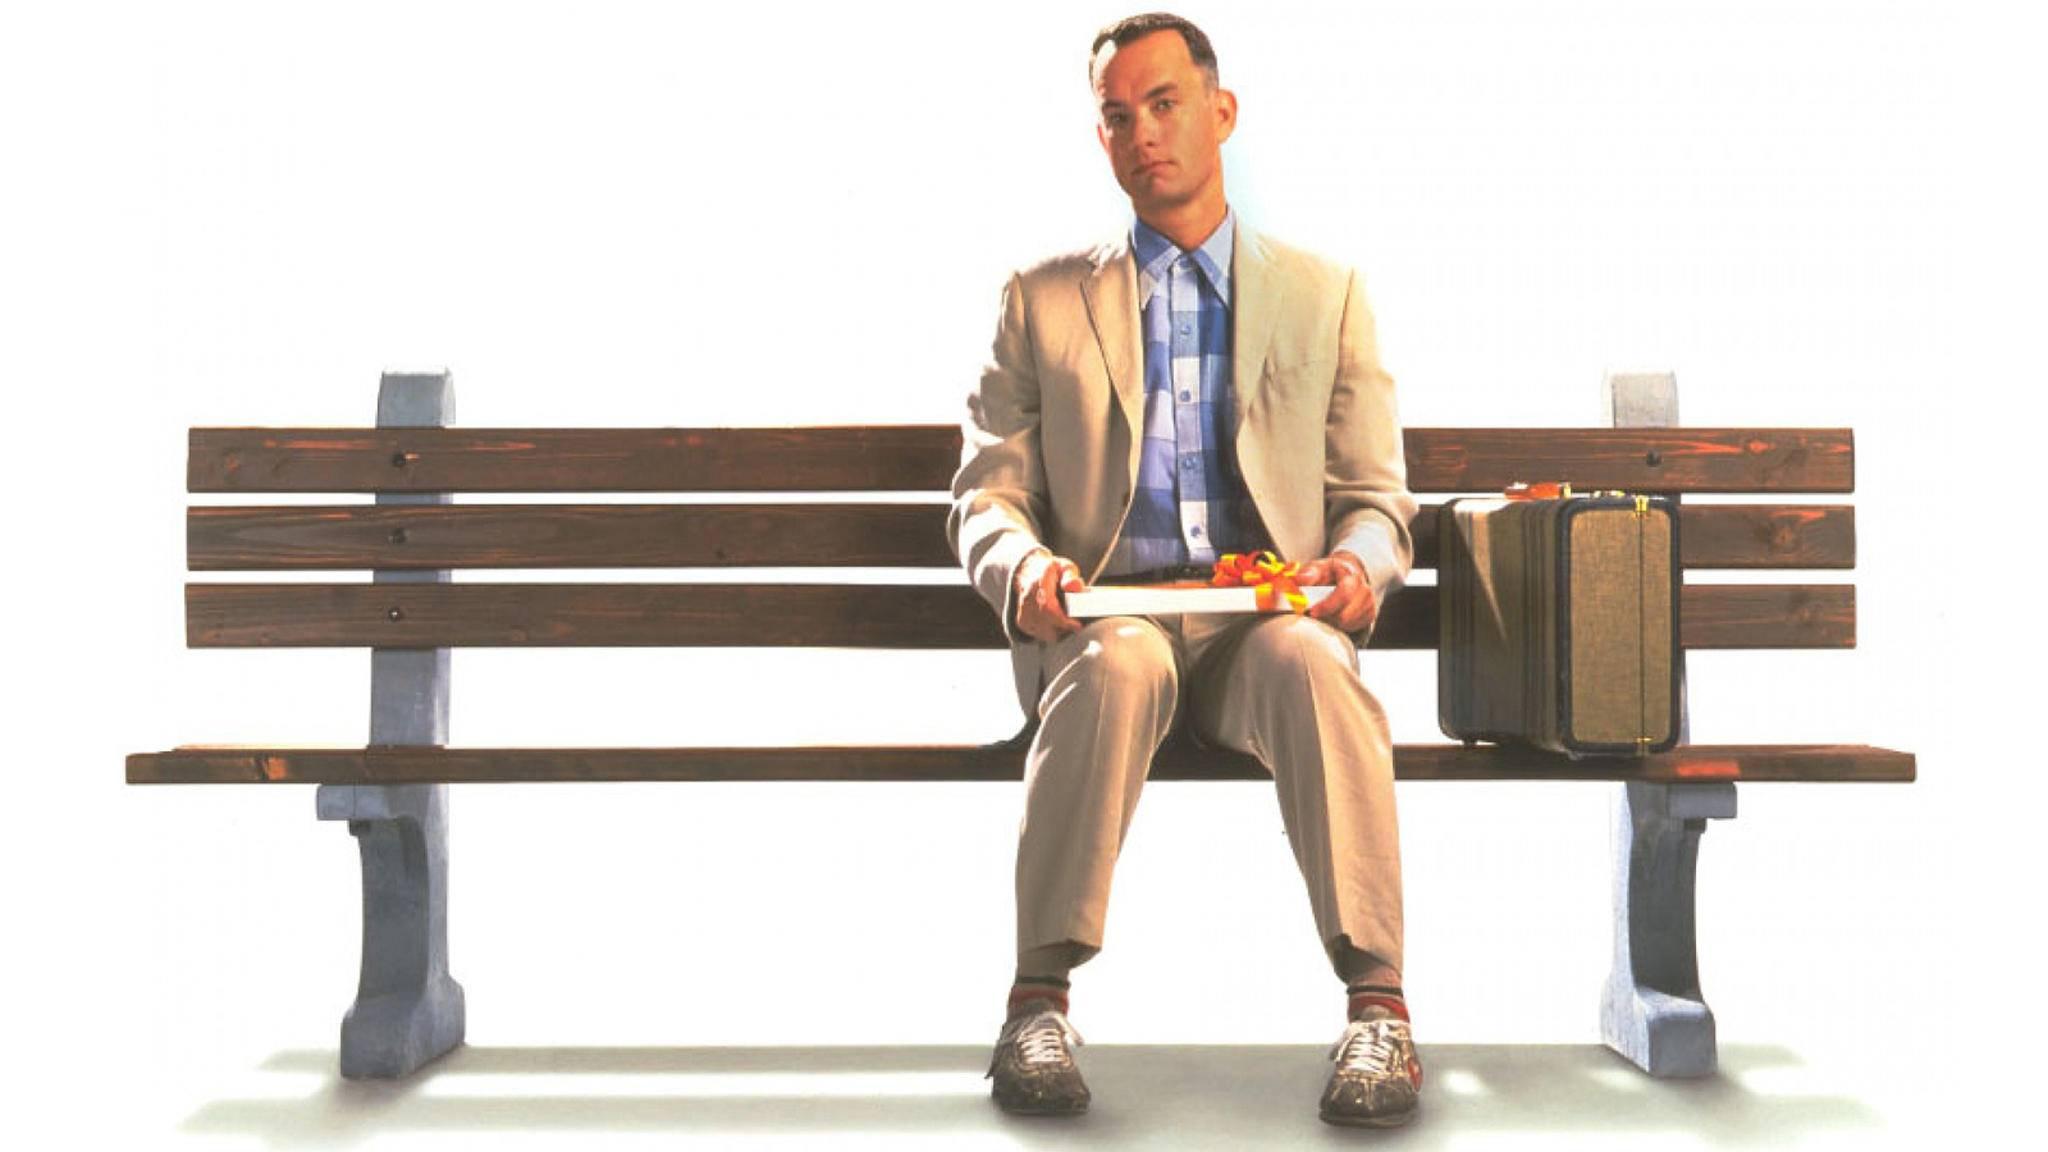 """Auf der Suche nach guten Buchverfilmungen? """"Forrest Gump"""" und die folgenden acht anderen Filme sind da schon mal ein guter Anfang."""